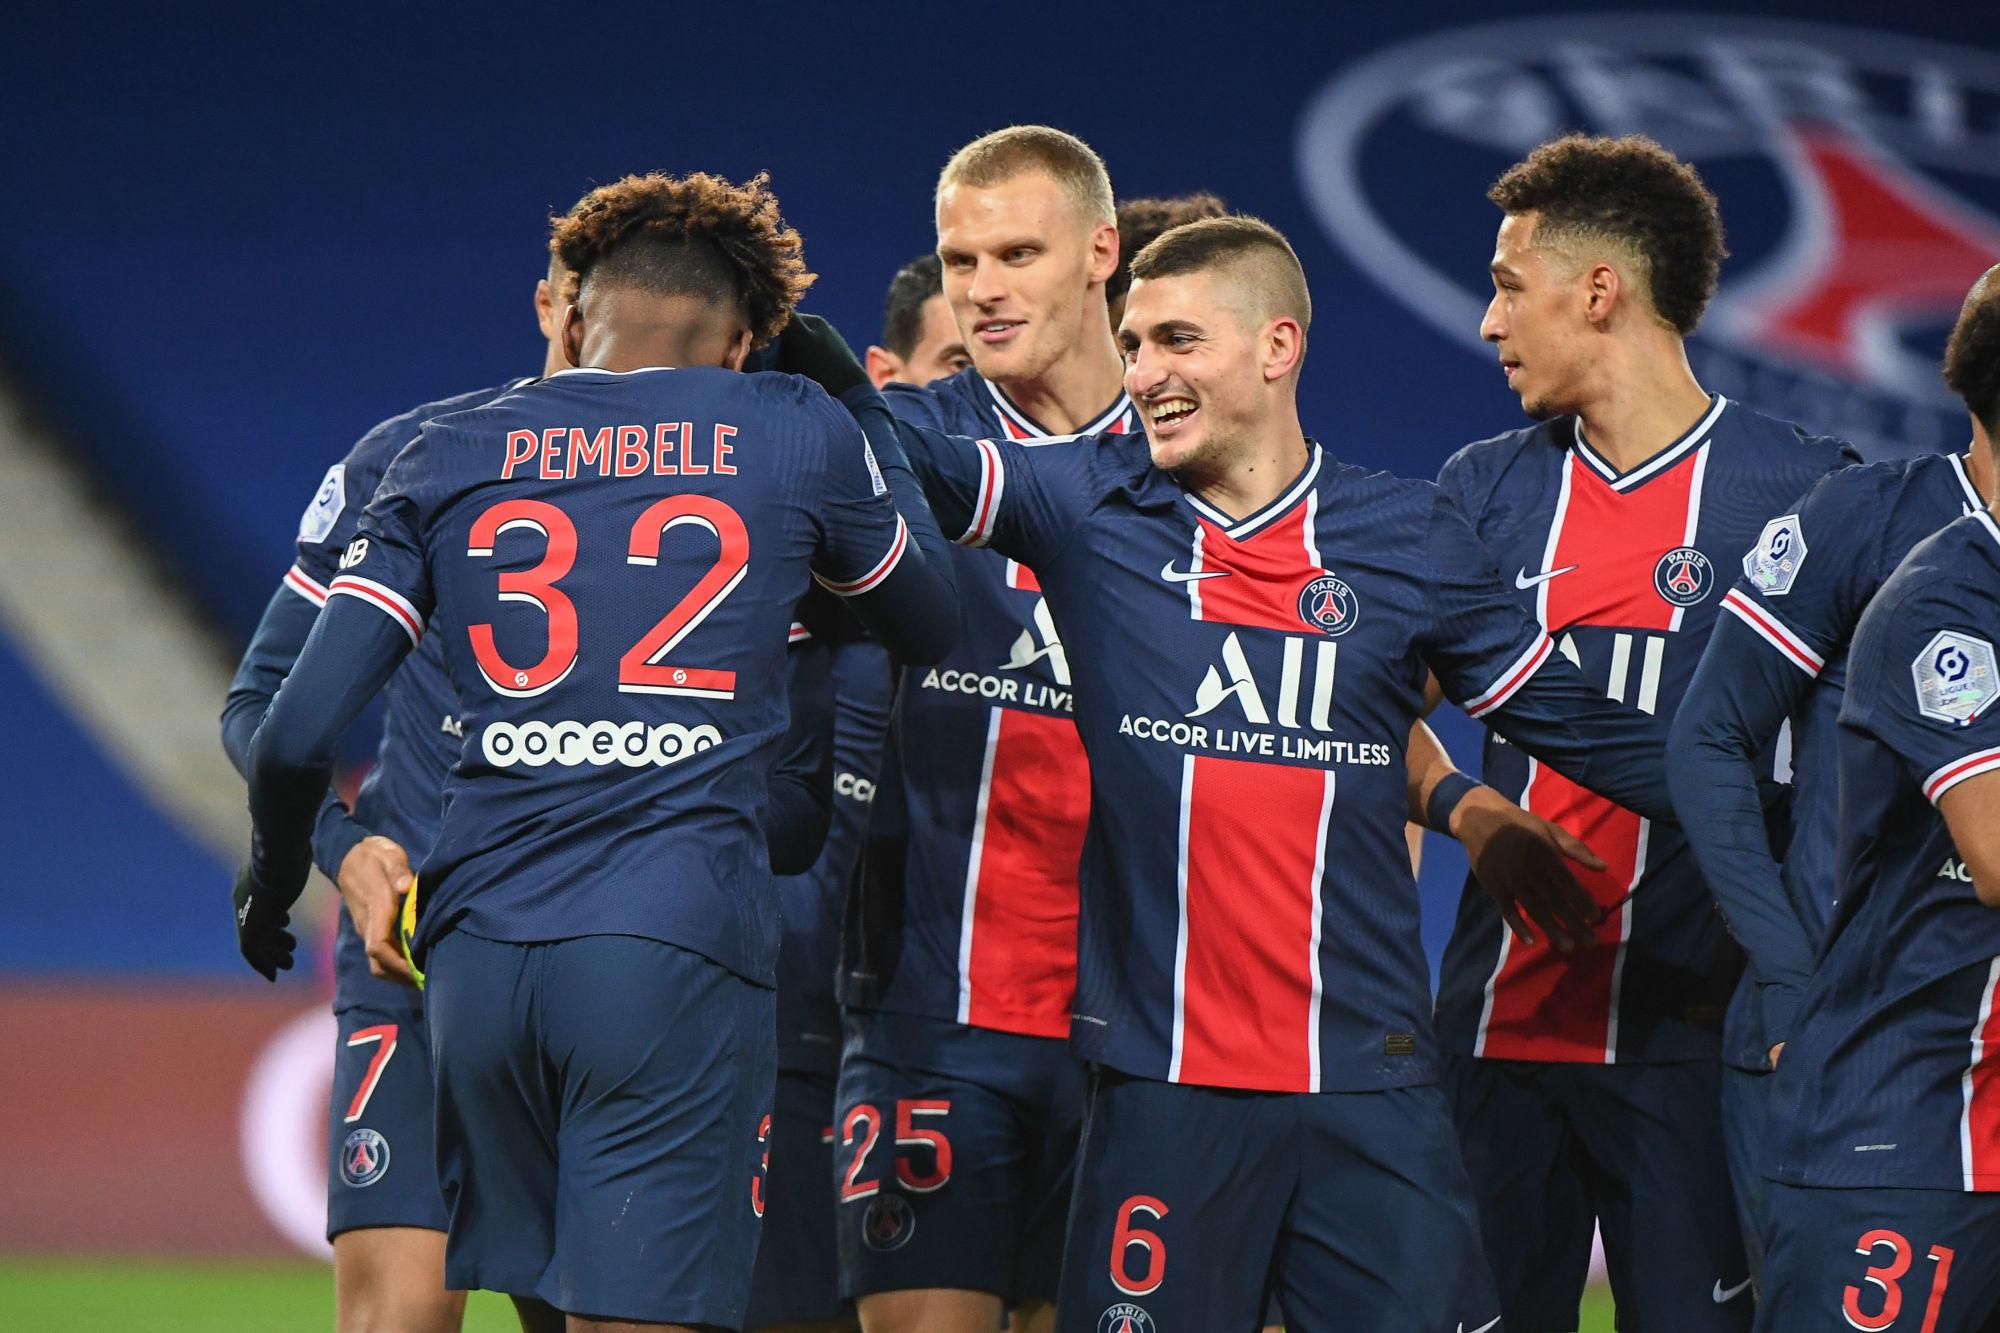 PSG/Strasbourg - Les notes des Parisiens dans la presse : Mbappé et Kehrer n'ont pas la moyenne